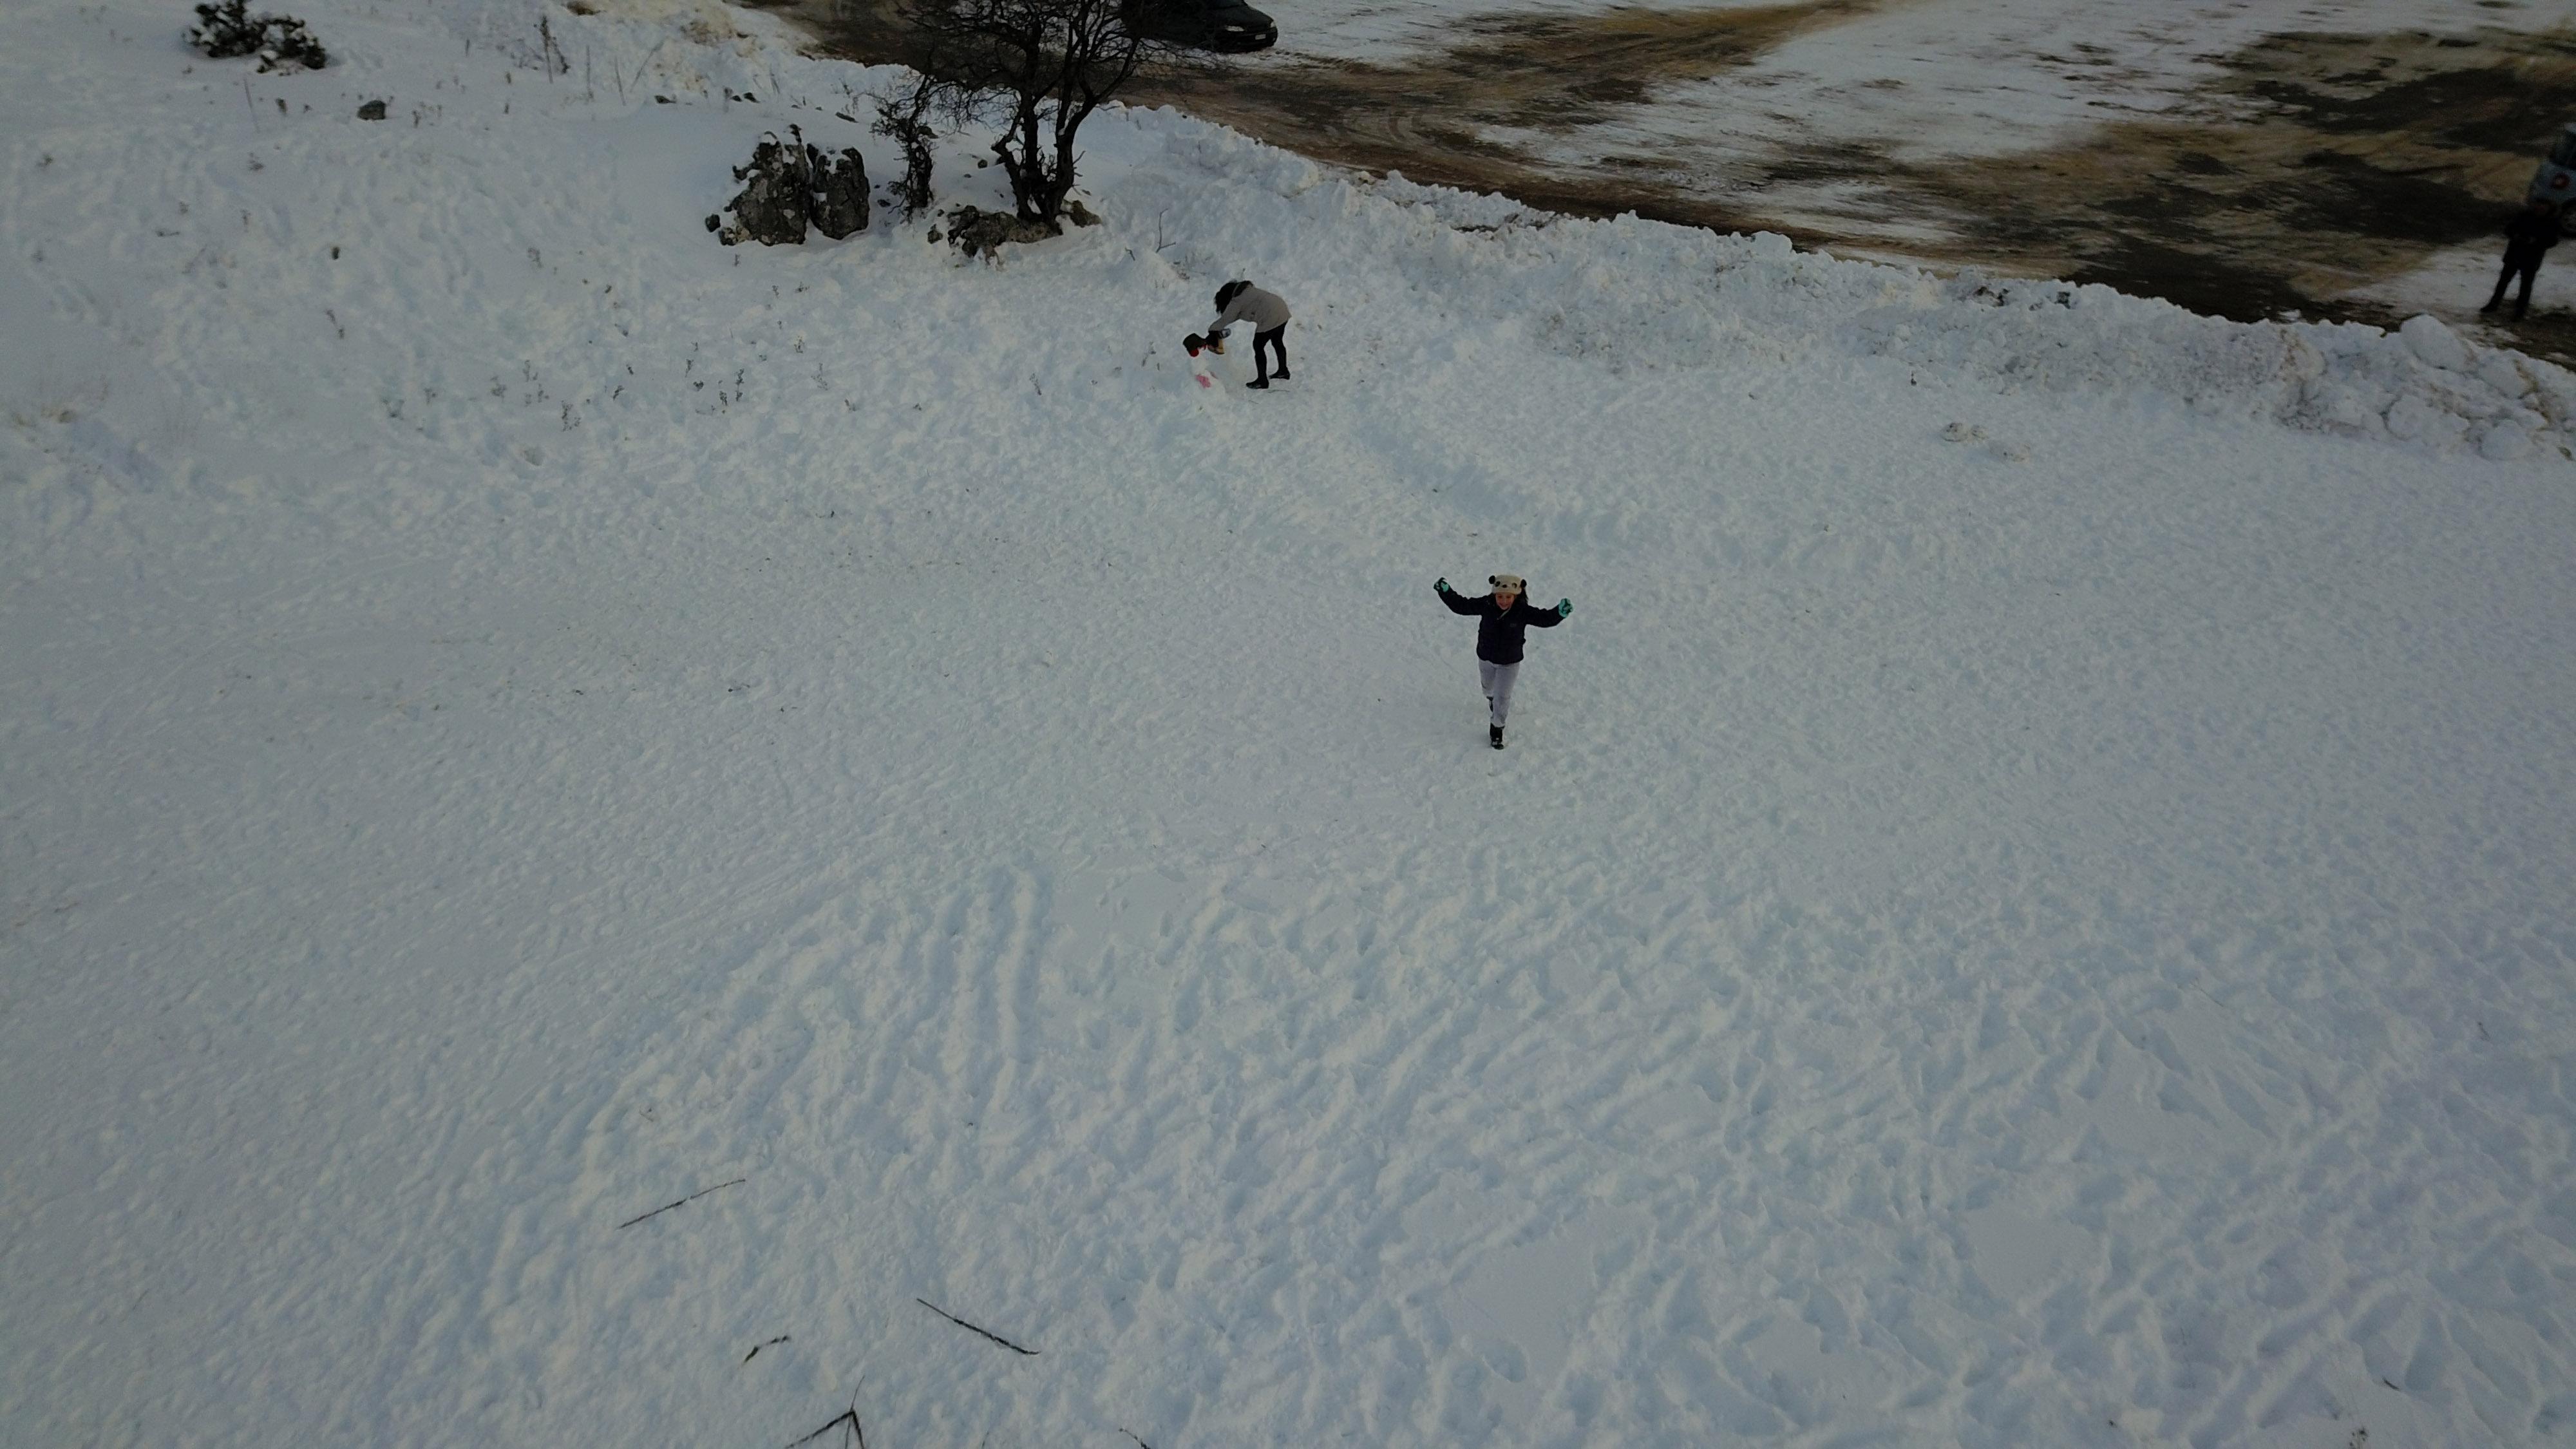 entyposiakes-eikones-me-to-chionodromiko-kentro-mainaloy-apo-drone-fotografies-vinteo2